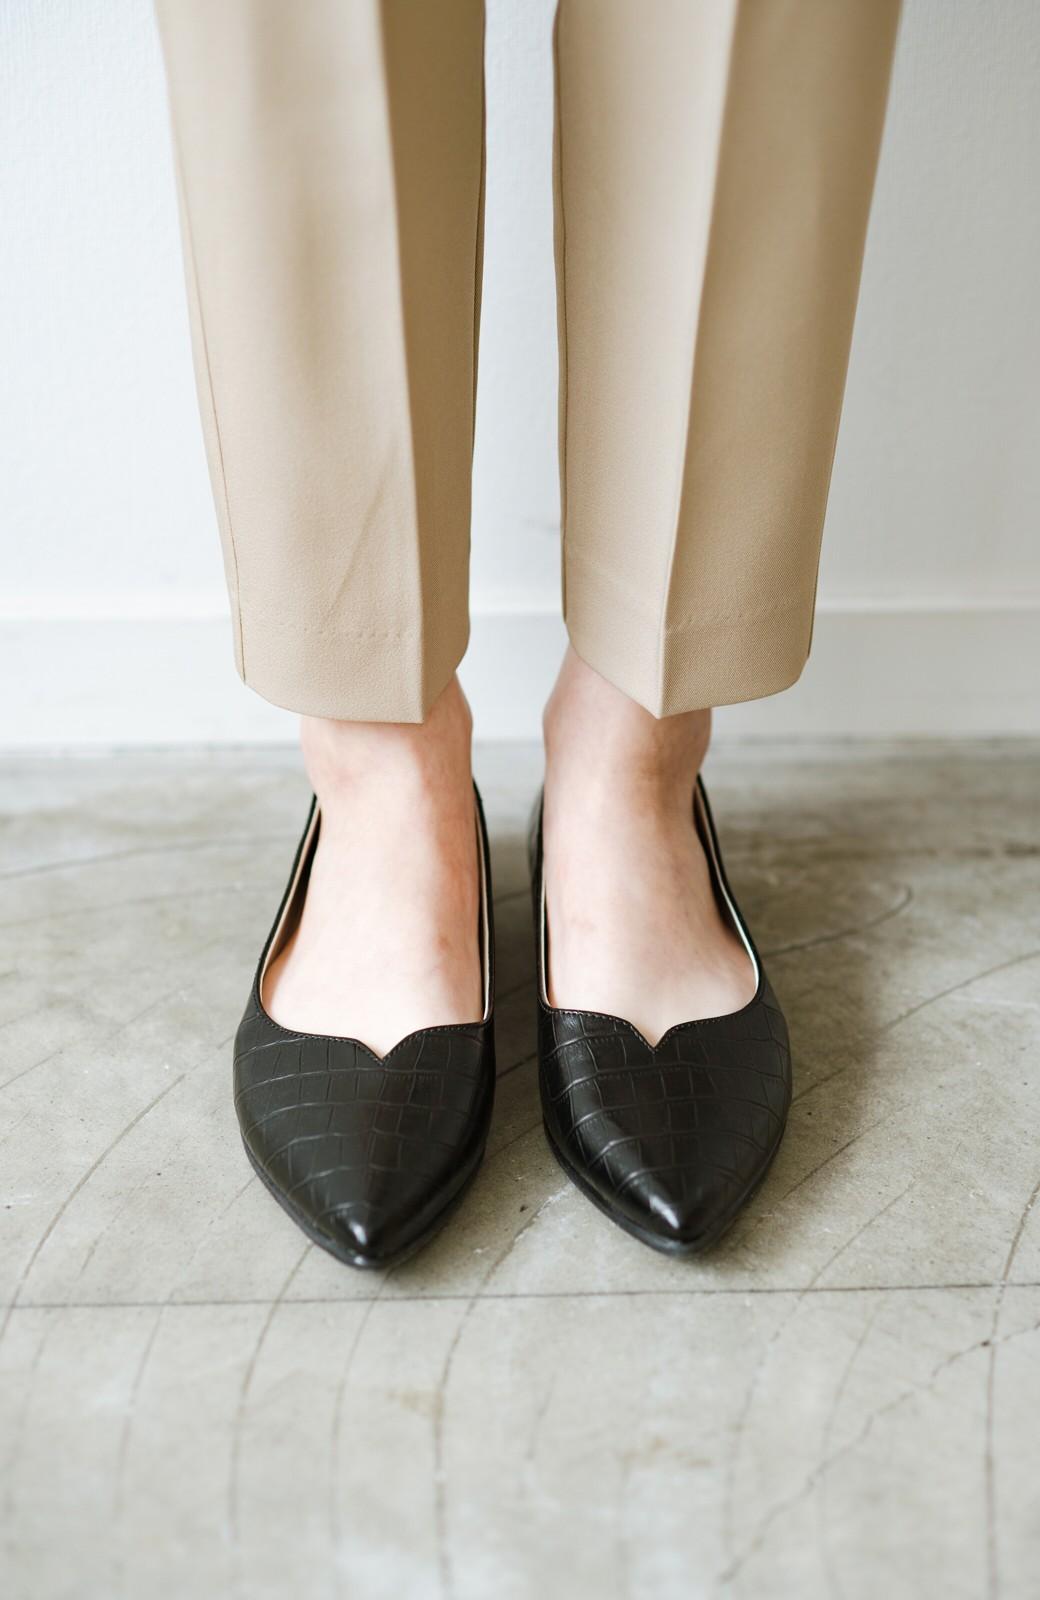 haco! 【防水】普段もお仕事も雨の日も!さっと履いて女っぽい Vカットが足をきれいに見せてくれるフラットパンプス <ブラック>の商品写真1